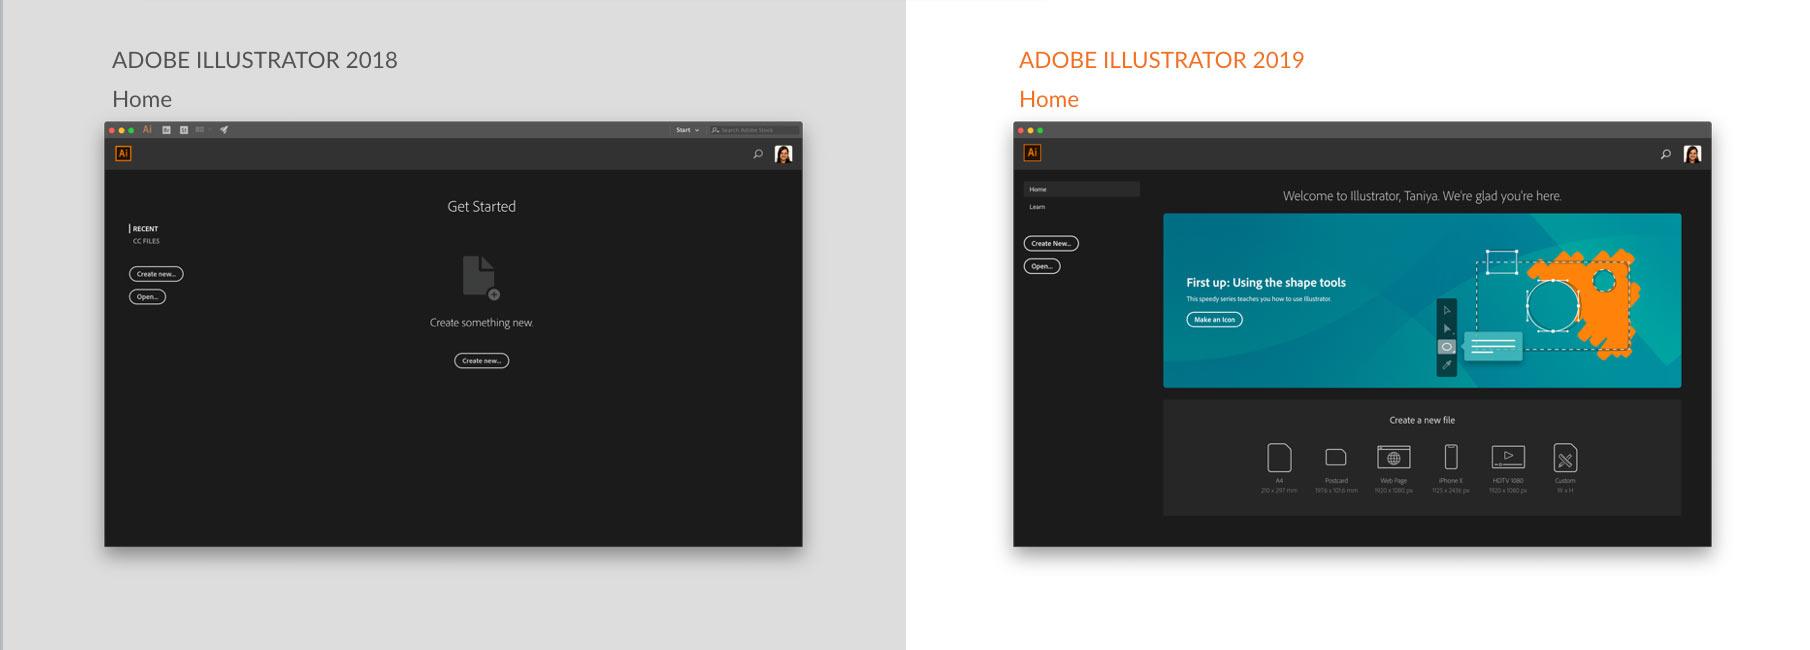 Illustrator Homescreen revamp